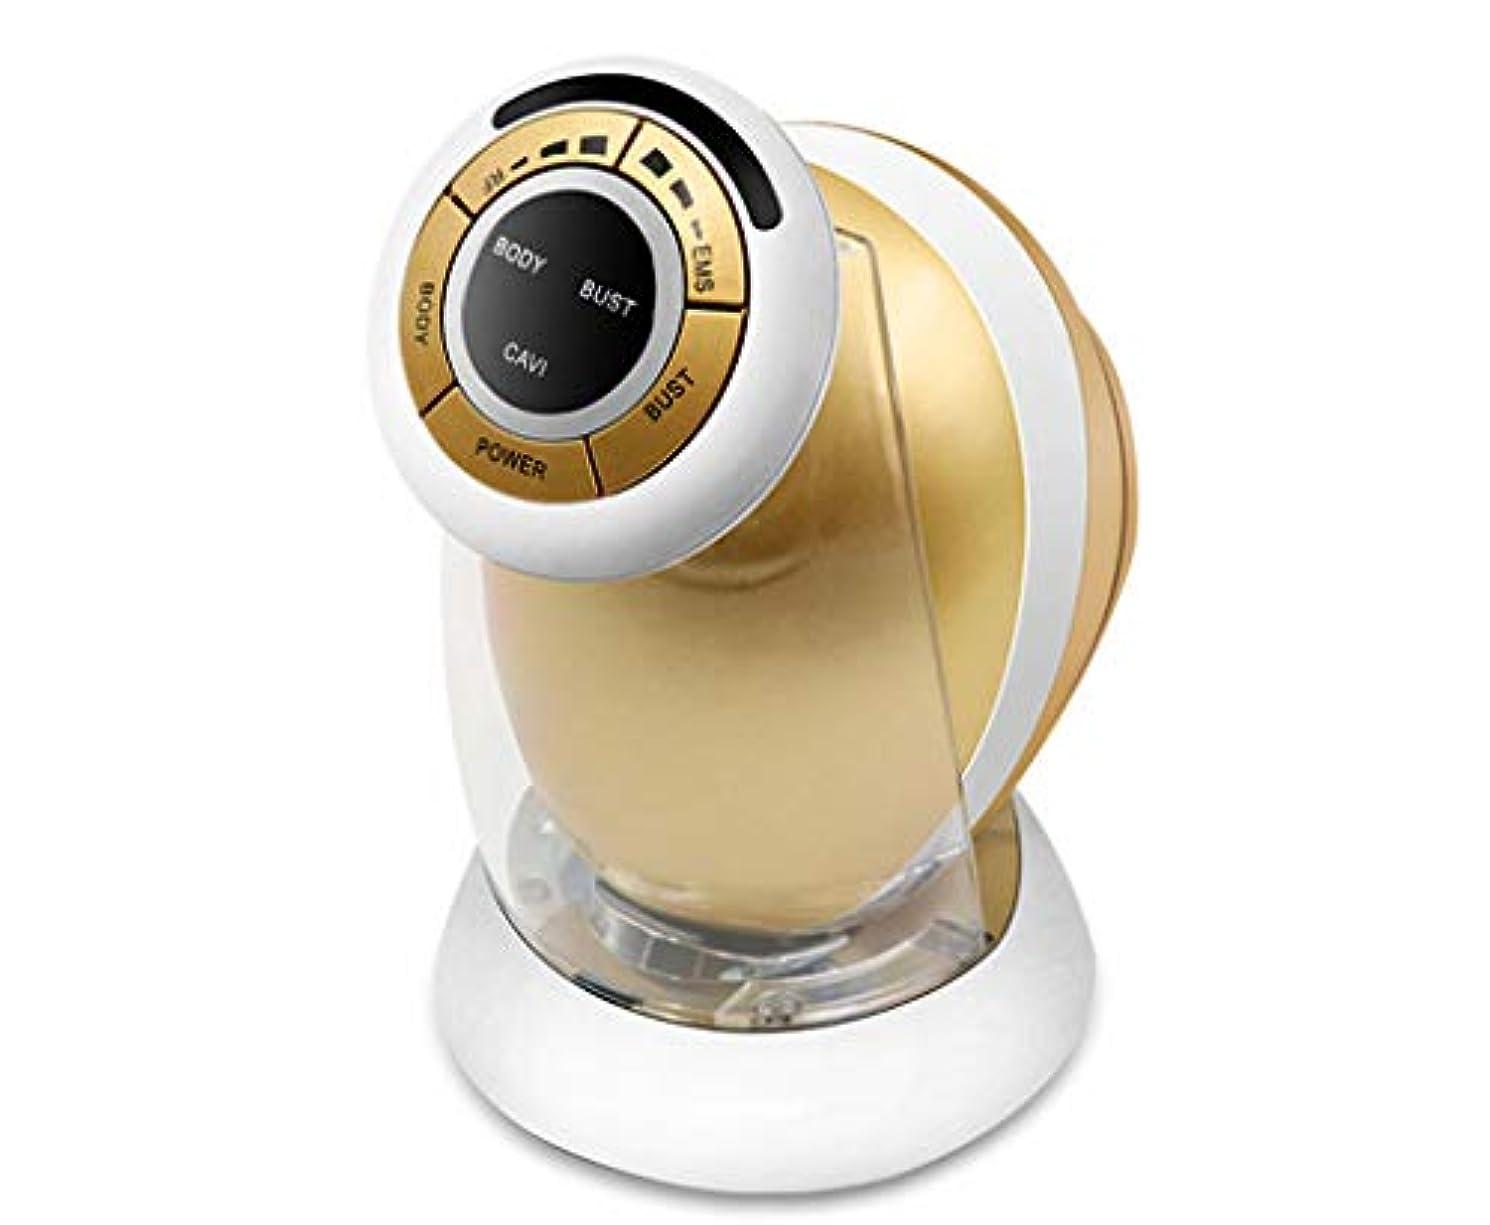 コールド革命的伝える体重減少計、携帯型減量装置、ボディマッサージスリミングマシン、セルライト除去用脂肪減量防水+充電式